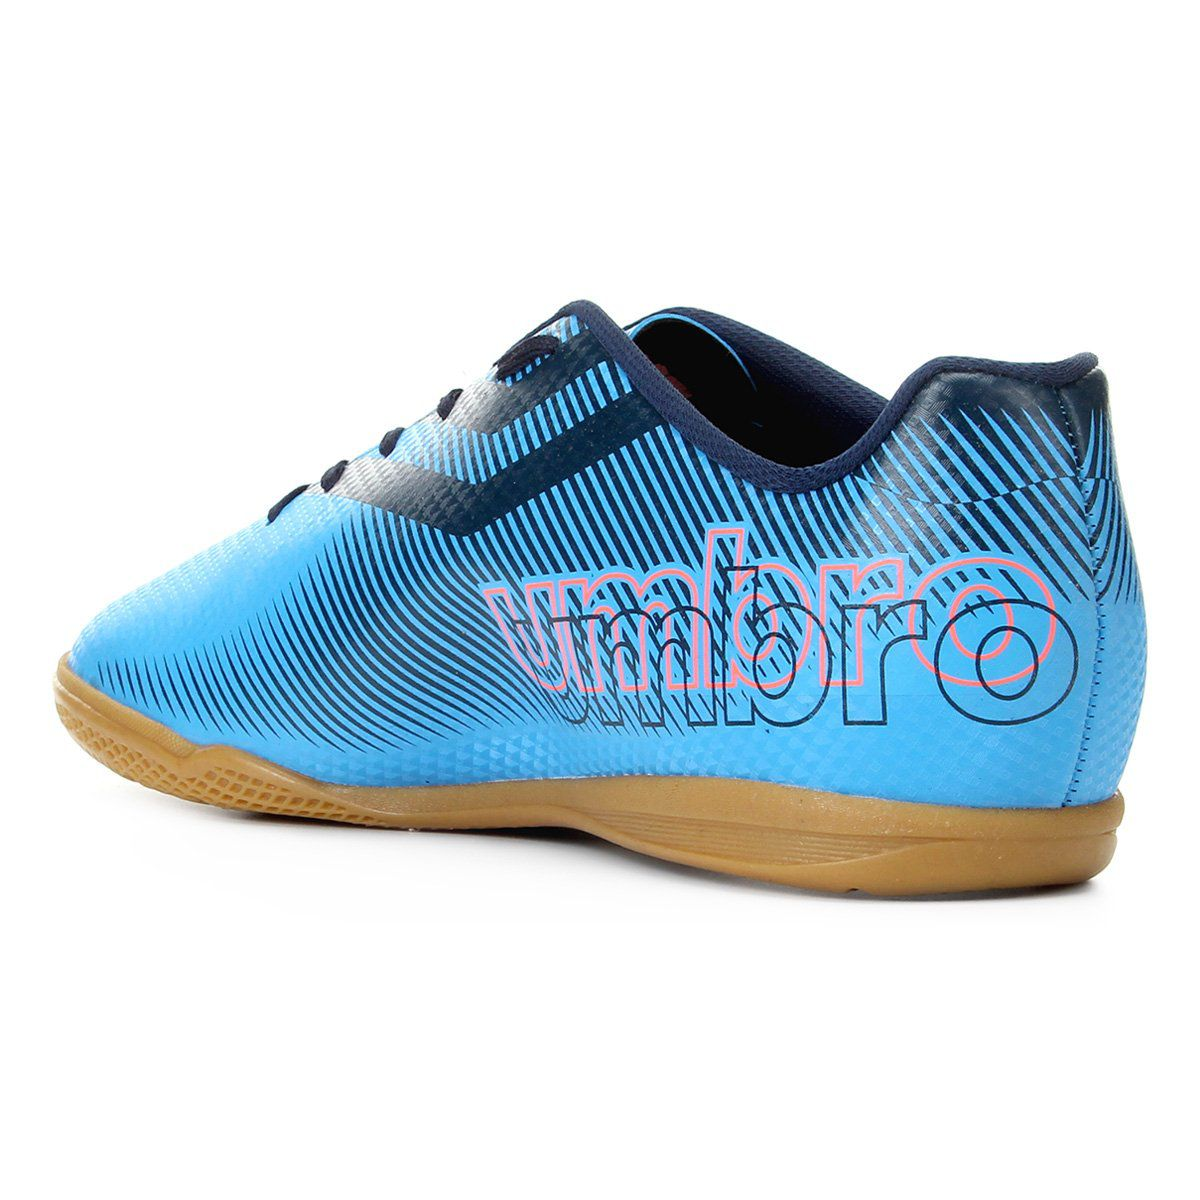 Chuteira Umbro Futsal Carbon II Jr - Juvenil